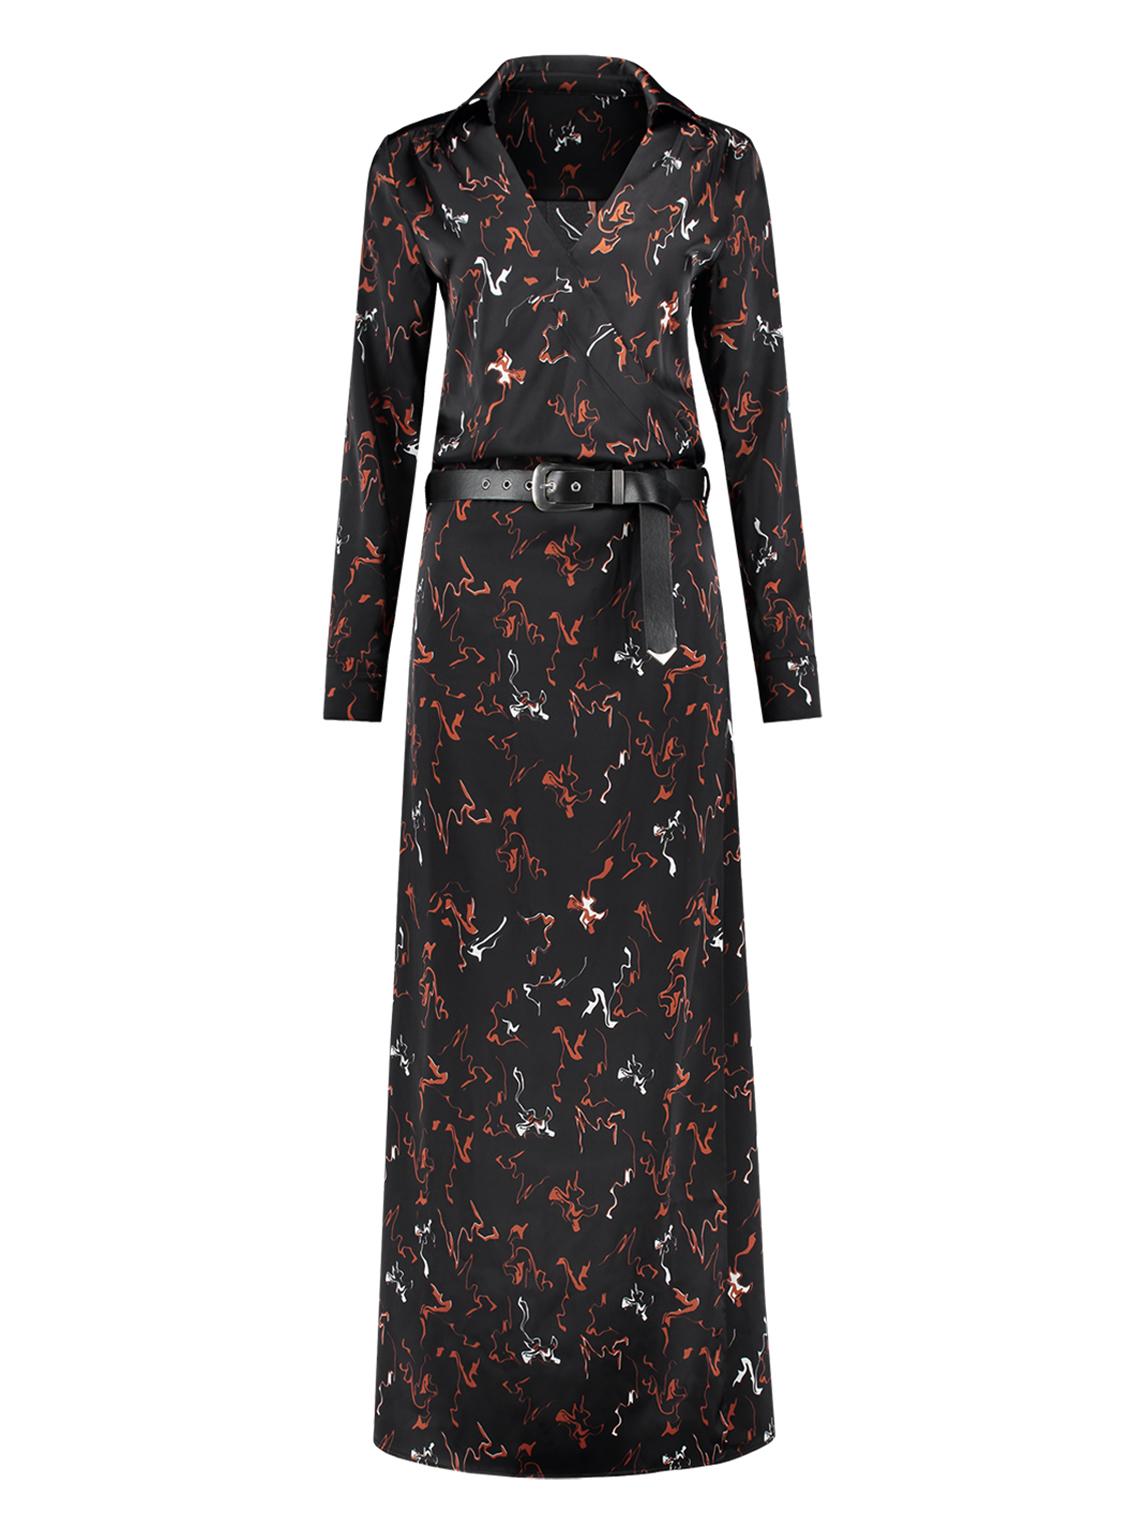 1f565de7cbf Zwarte dames jurk met all-over print Nikkie - N5-956 1902 9000